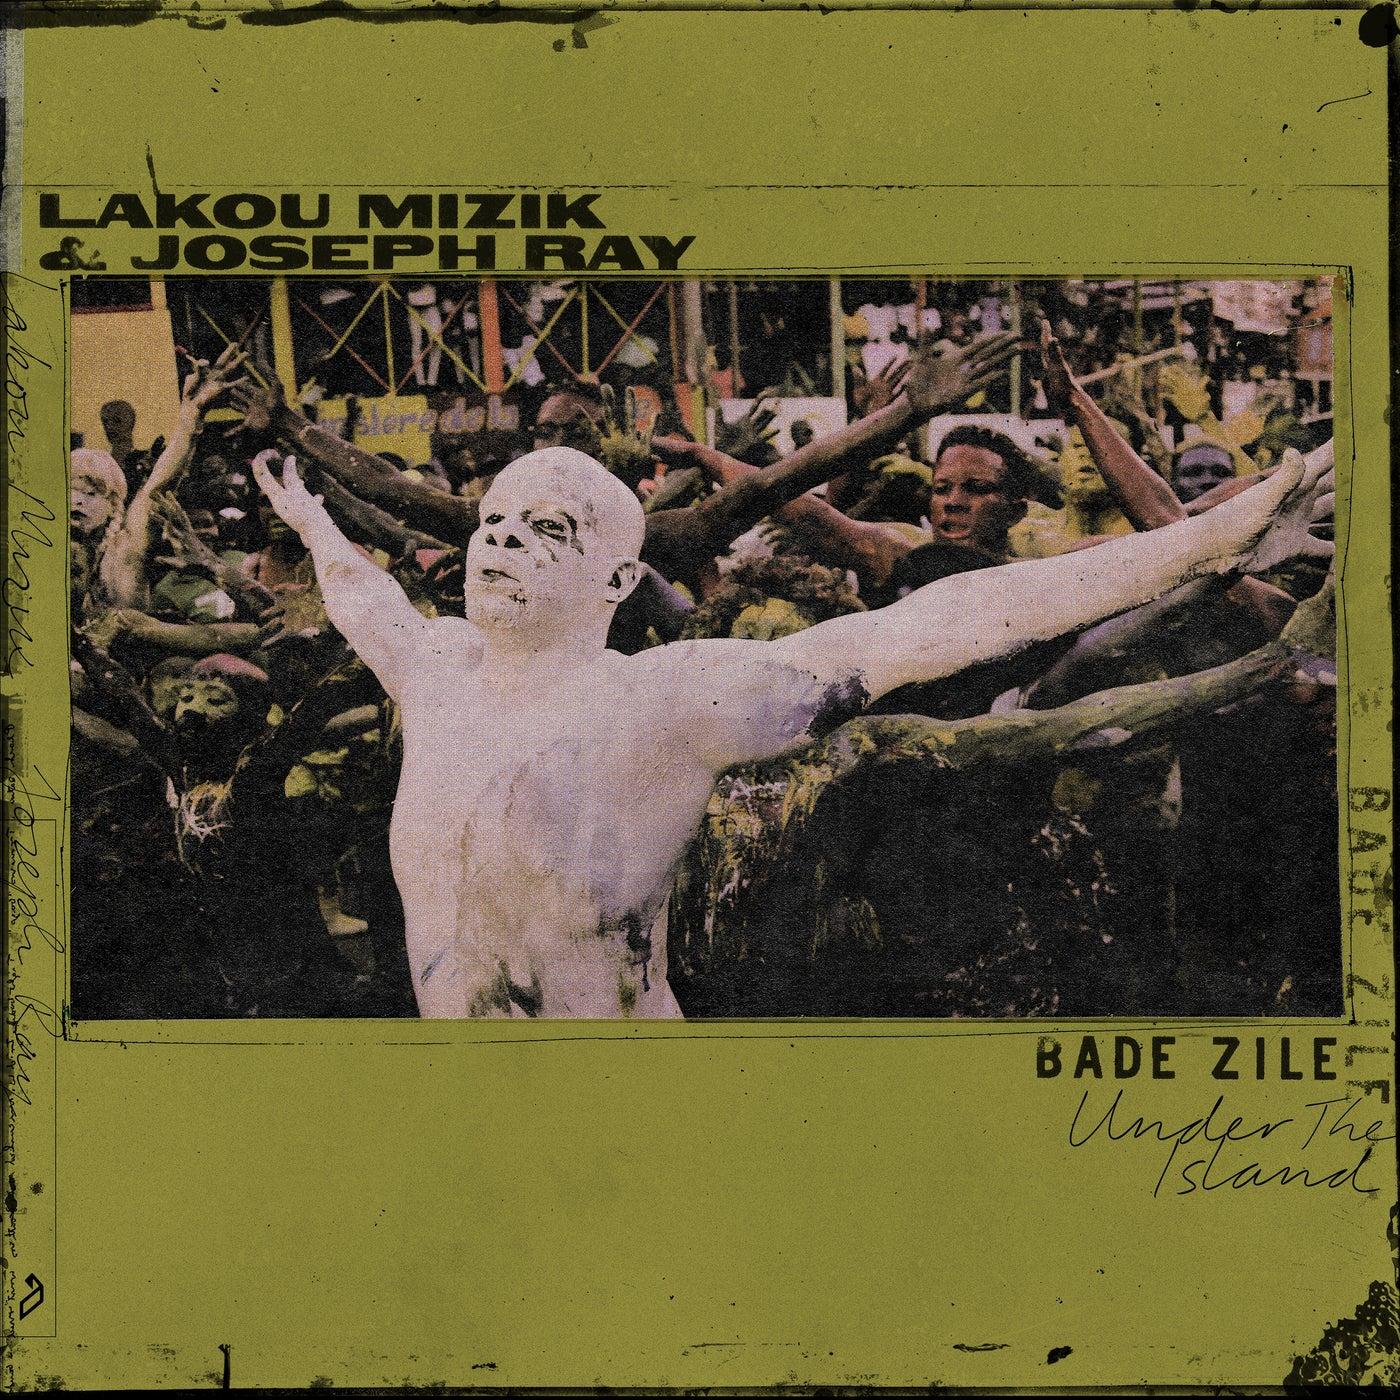 Bade Zile (Original Mix)